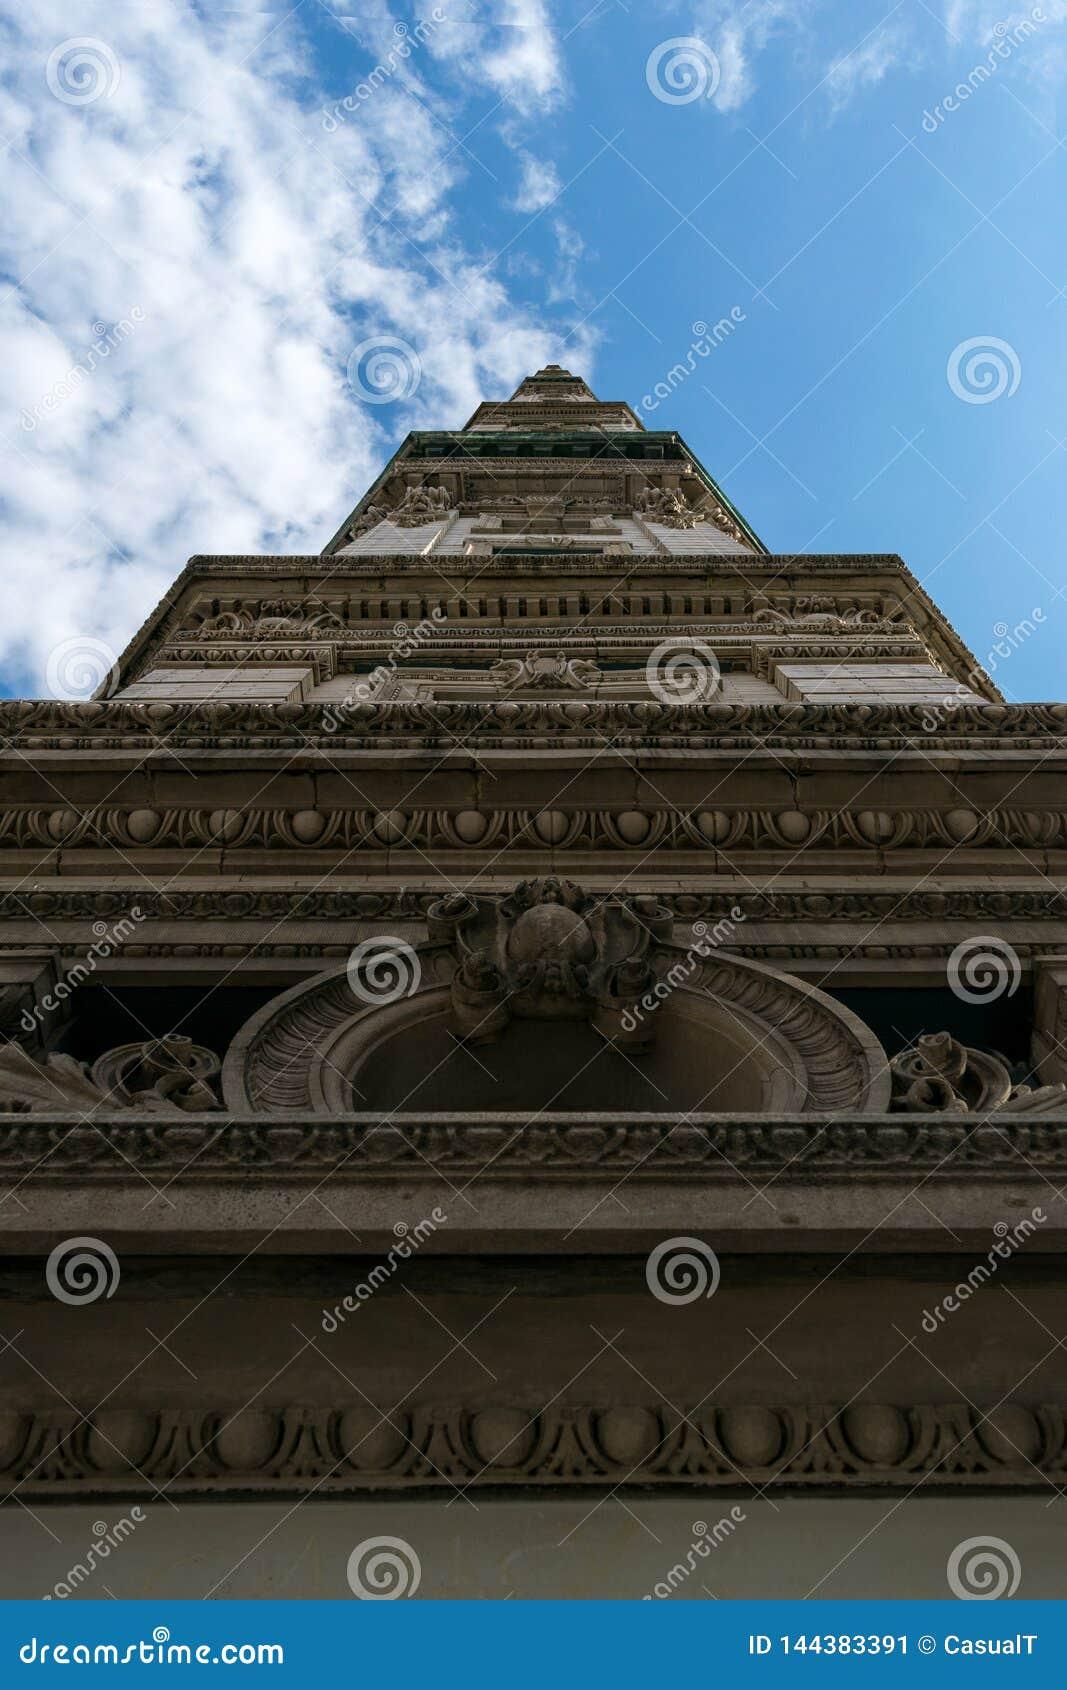 Unglaublich hohes Gebäude in im Stadtzentrum gelegenem Manhattan, erreichend in den blauen Himmel an einem schönen sonnigen Tag,